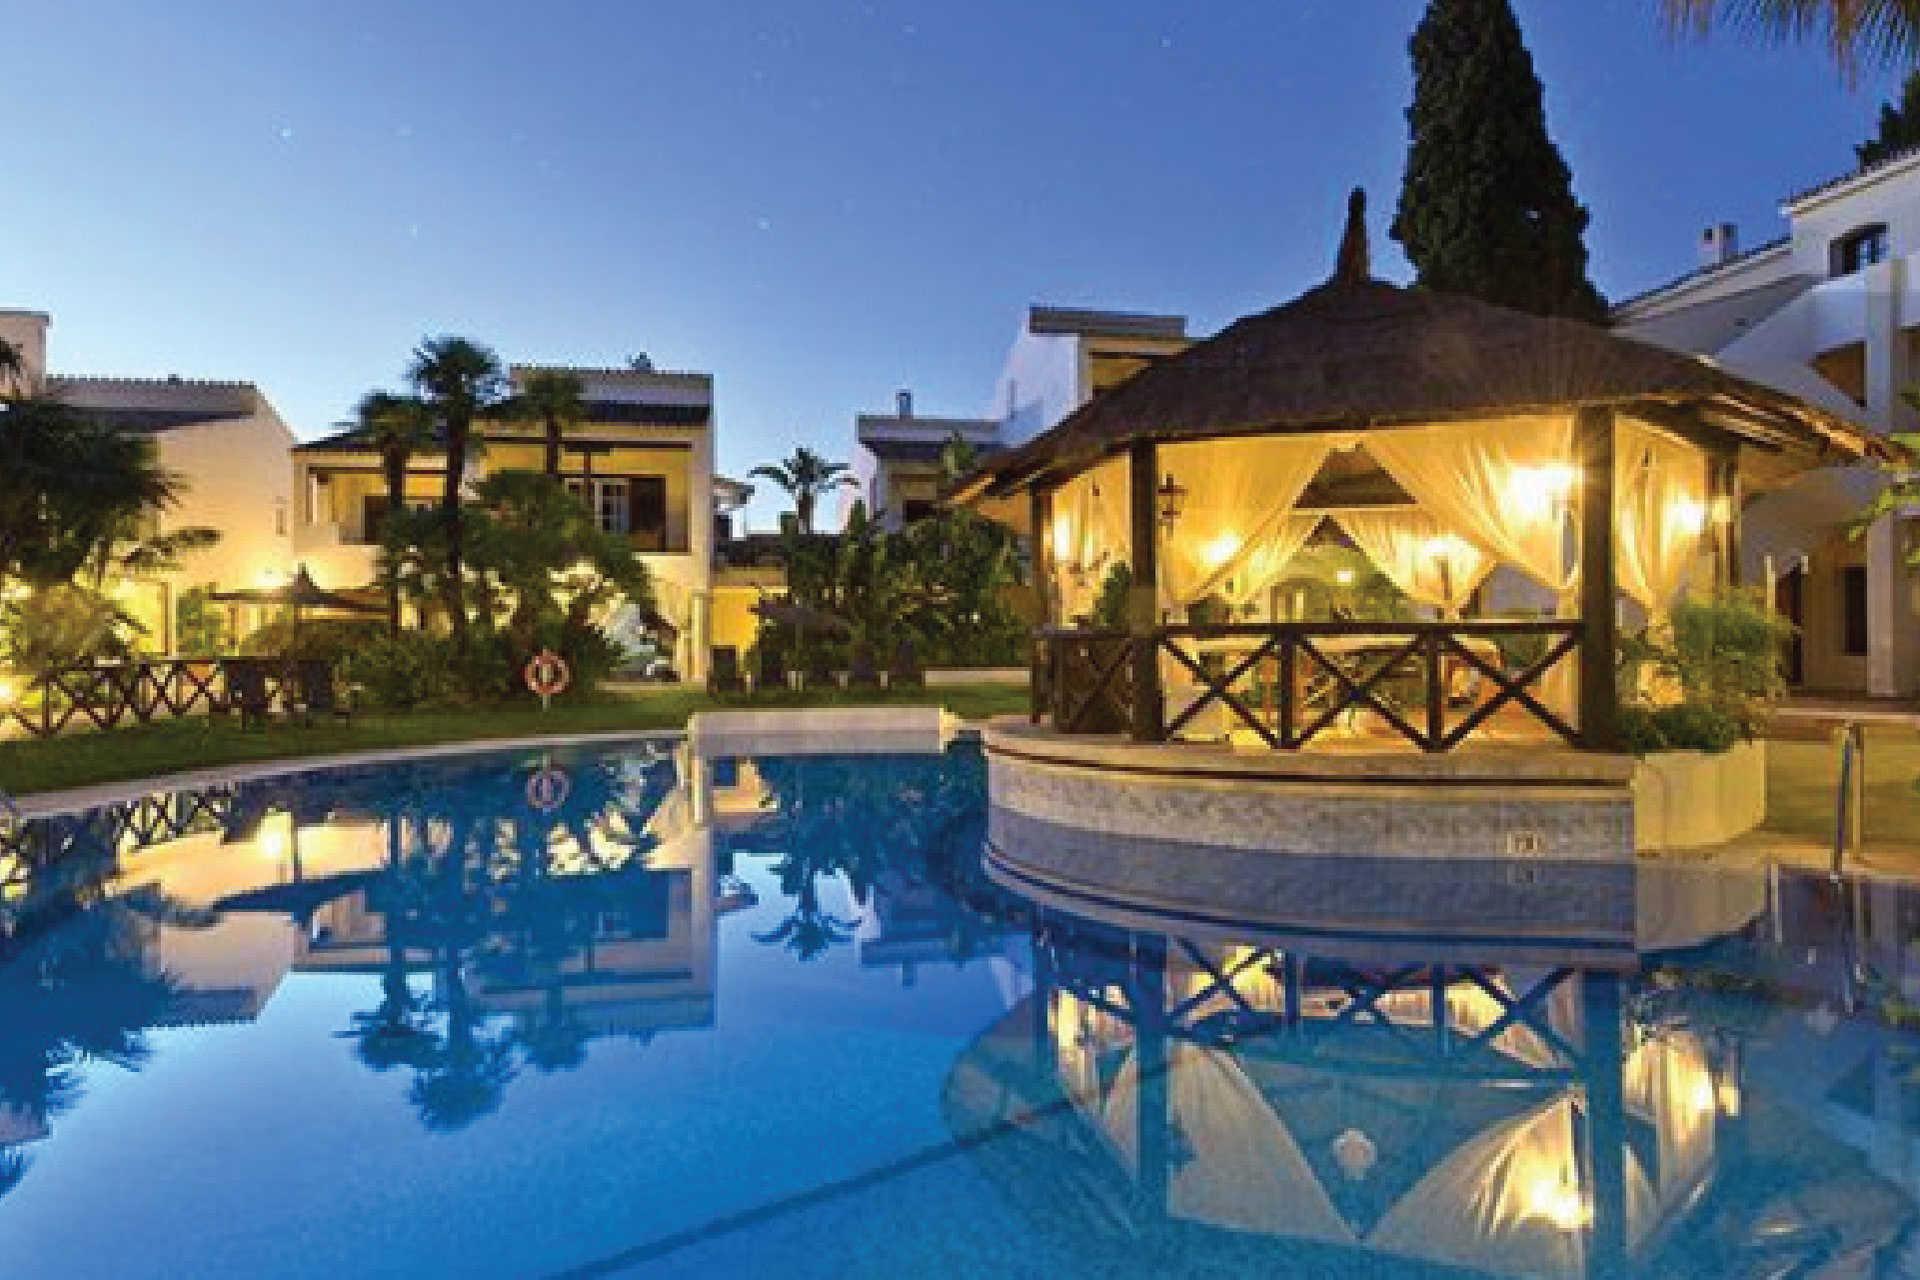 Warum sollten Sie sich für das BlueBay Banús Hotel entscheiden?